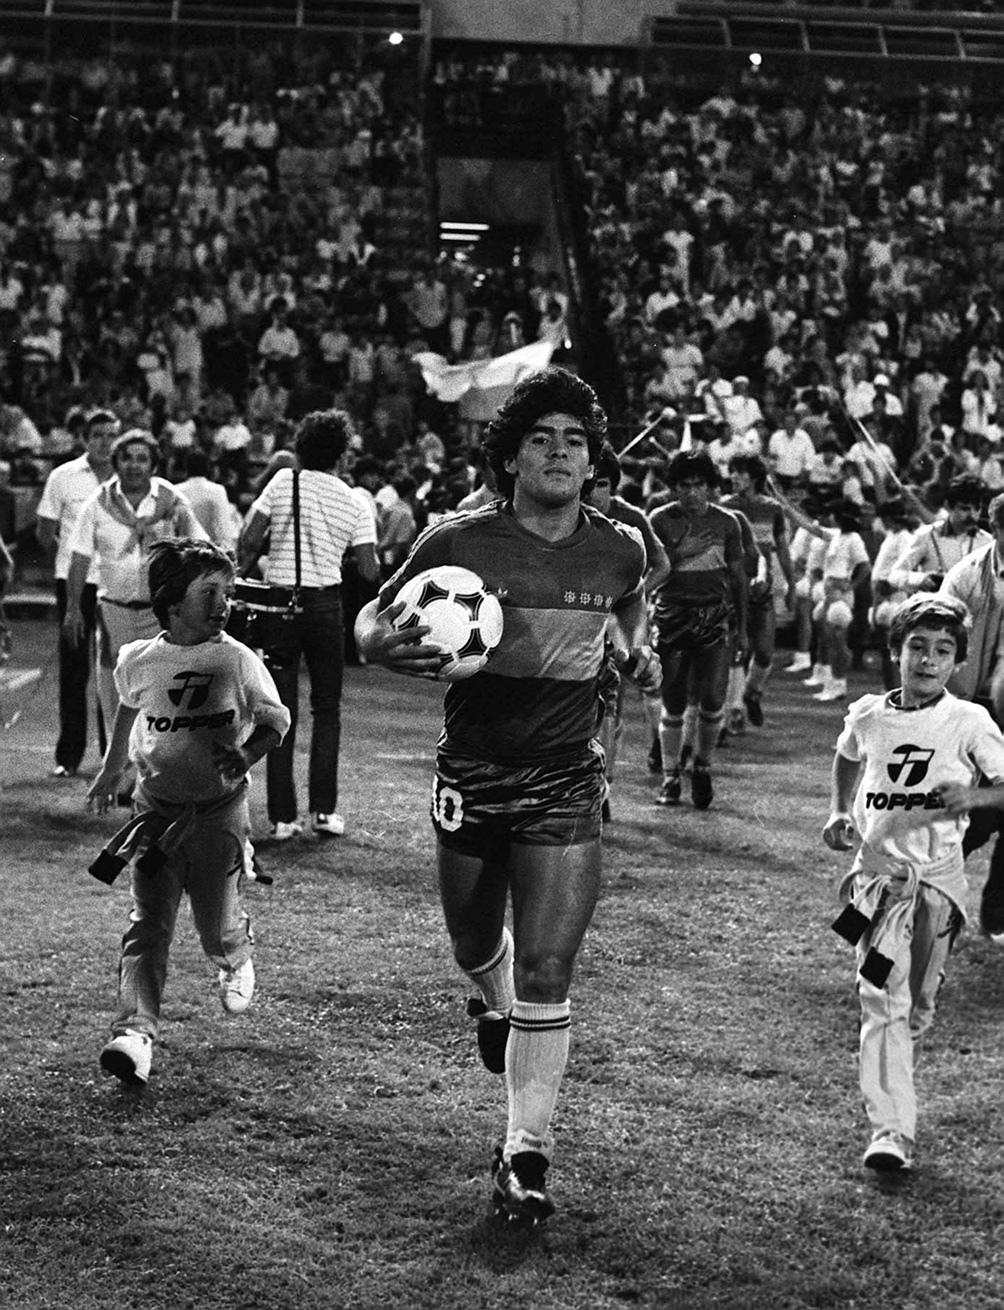 Maradona solo jugó ese año con Boca y luego lo hizo muy poco en el primer semestre de 1982.